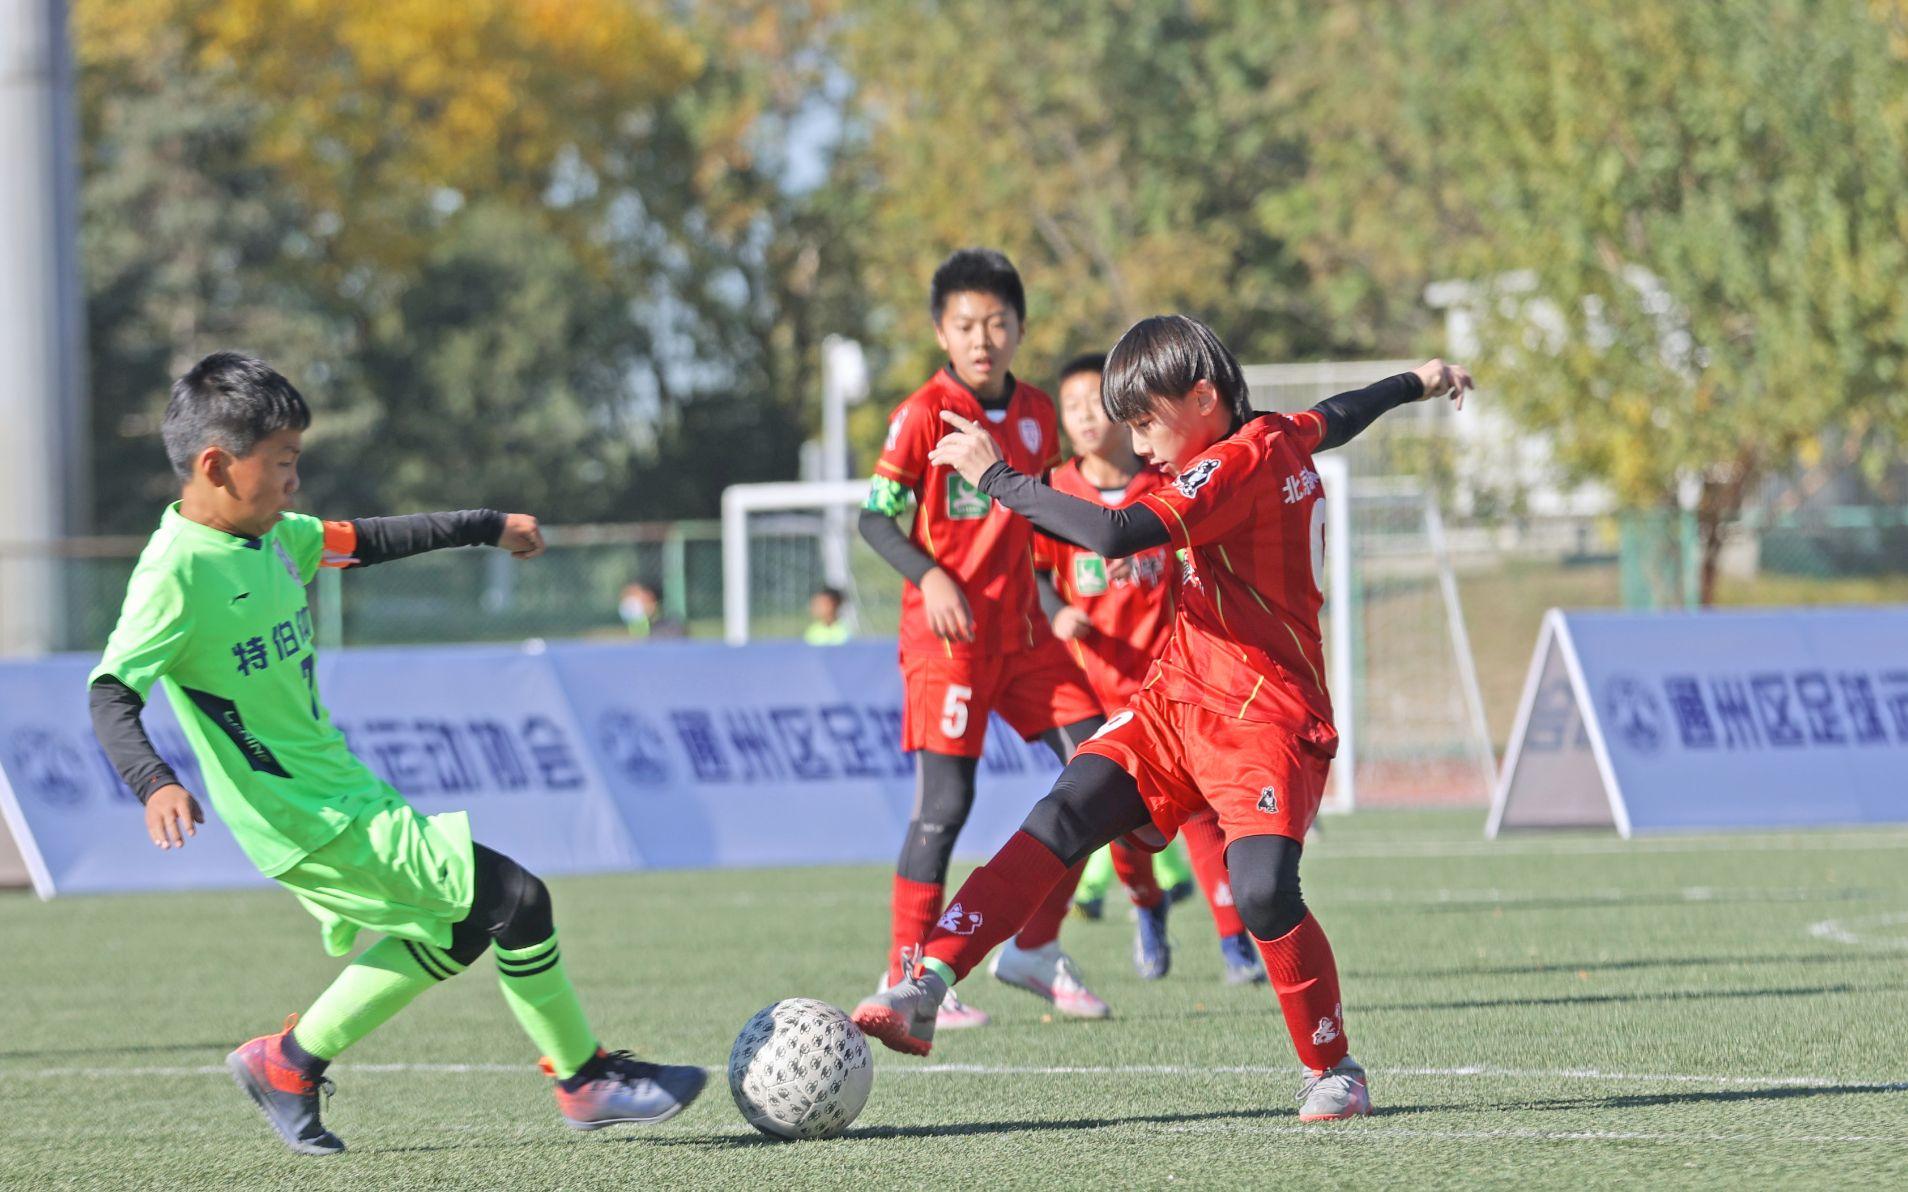 竞赛能辅助孩子们探讨球技并增长情谊。图/北京市体育局